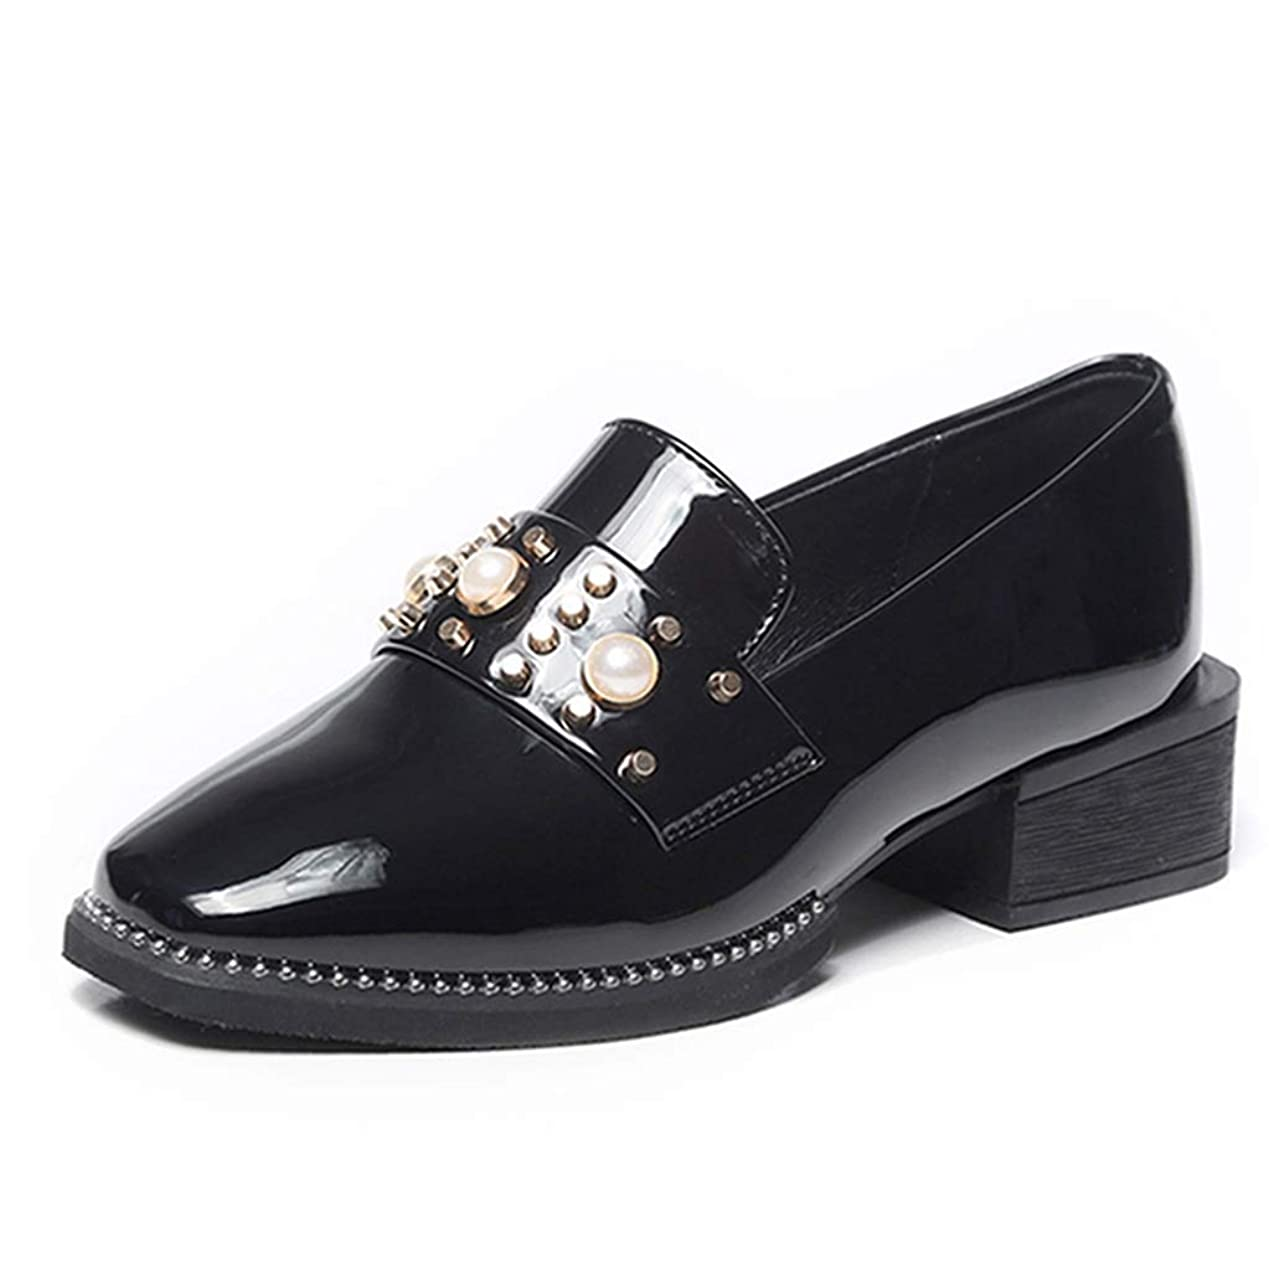 優越ハウジング消す[リンゼ] フラットシューズ ローファー レディース カジュアルシューズ スリッポン ぺたんこ シューズ モカシン 歩きやすい ドライビングシューズ 靴 真珠 シンプル 女子 学生 履きやすい クッション シングルシューズ 軽量